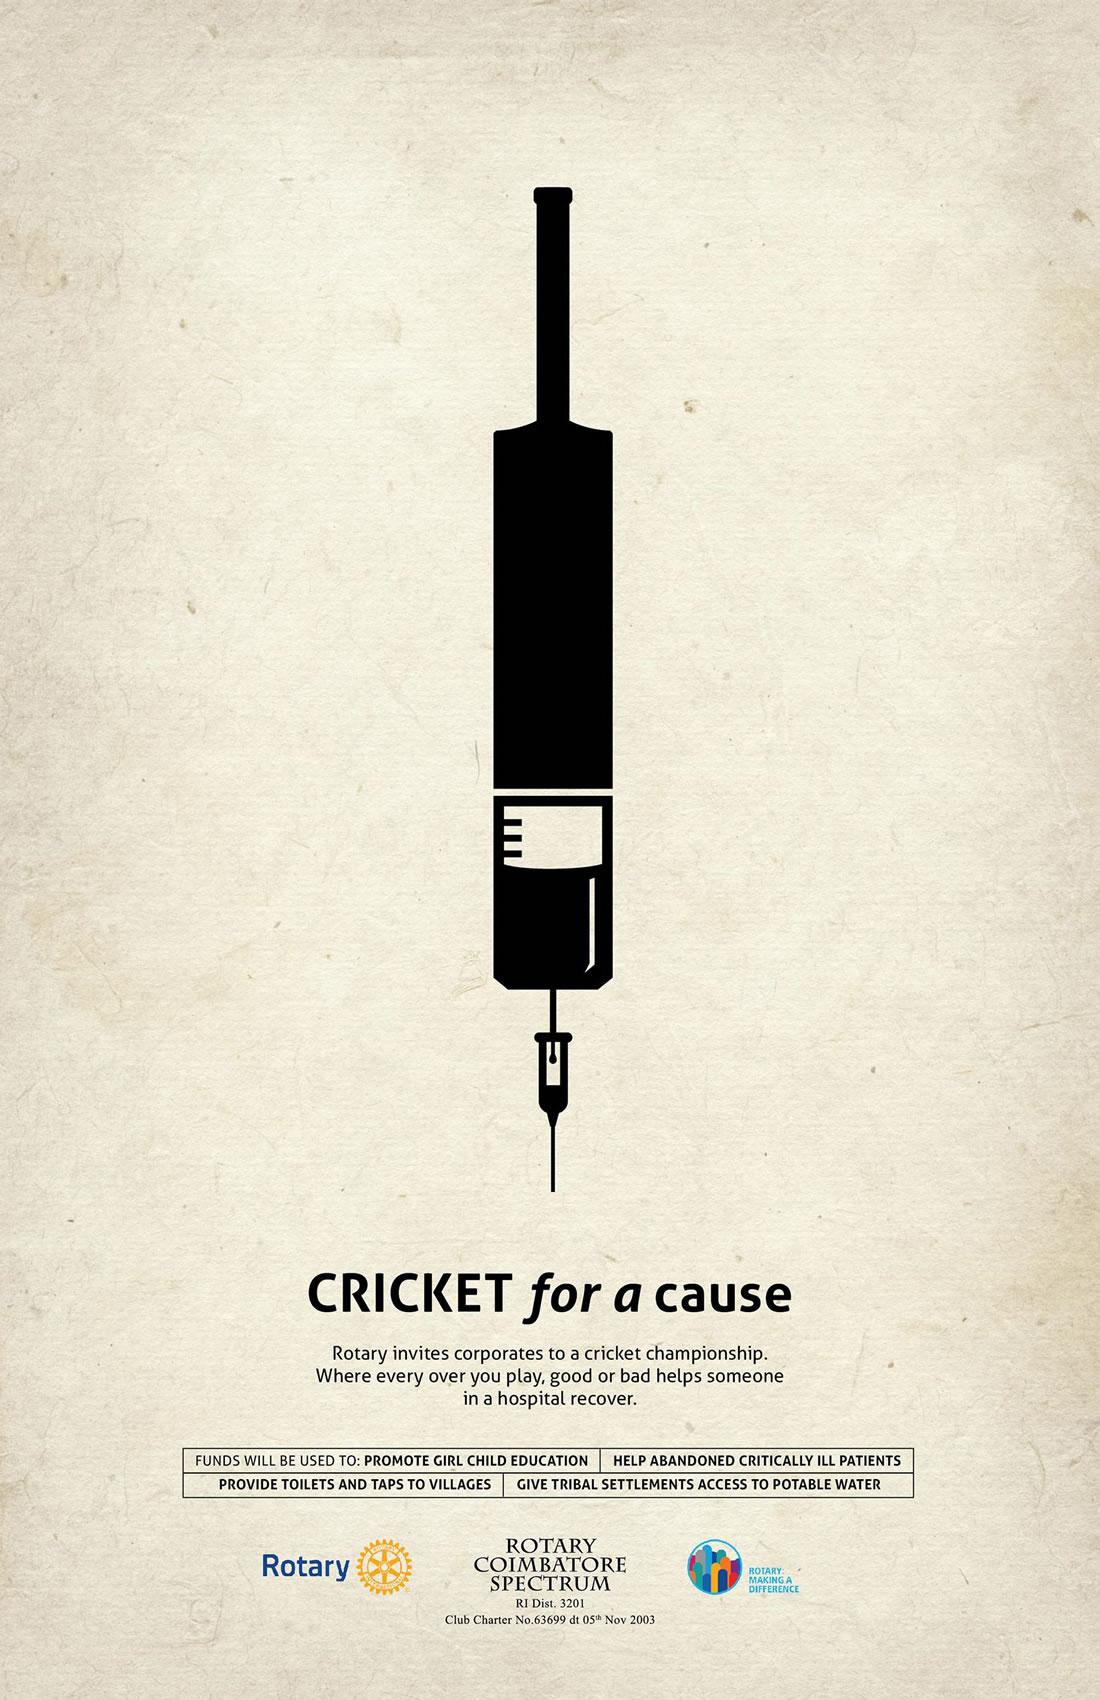 Inspiration - 130 Affiches Publicitaires Graphiques de Mars 2018 53